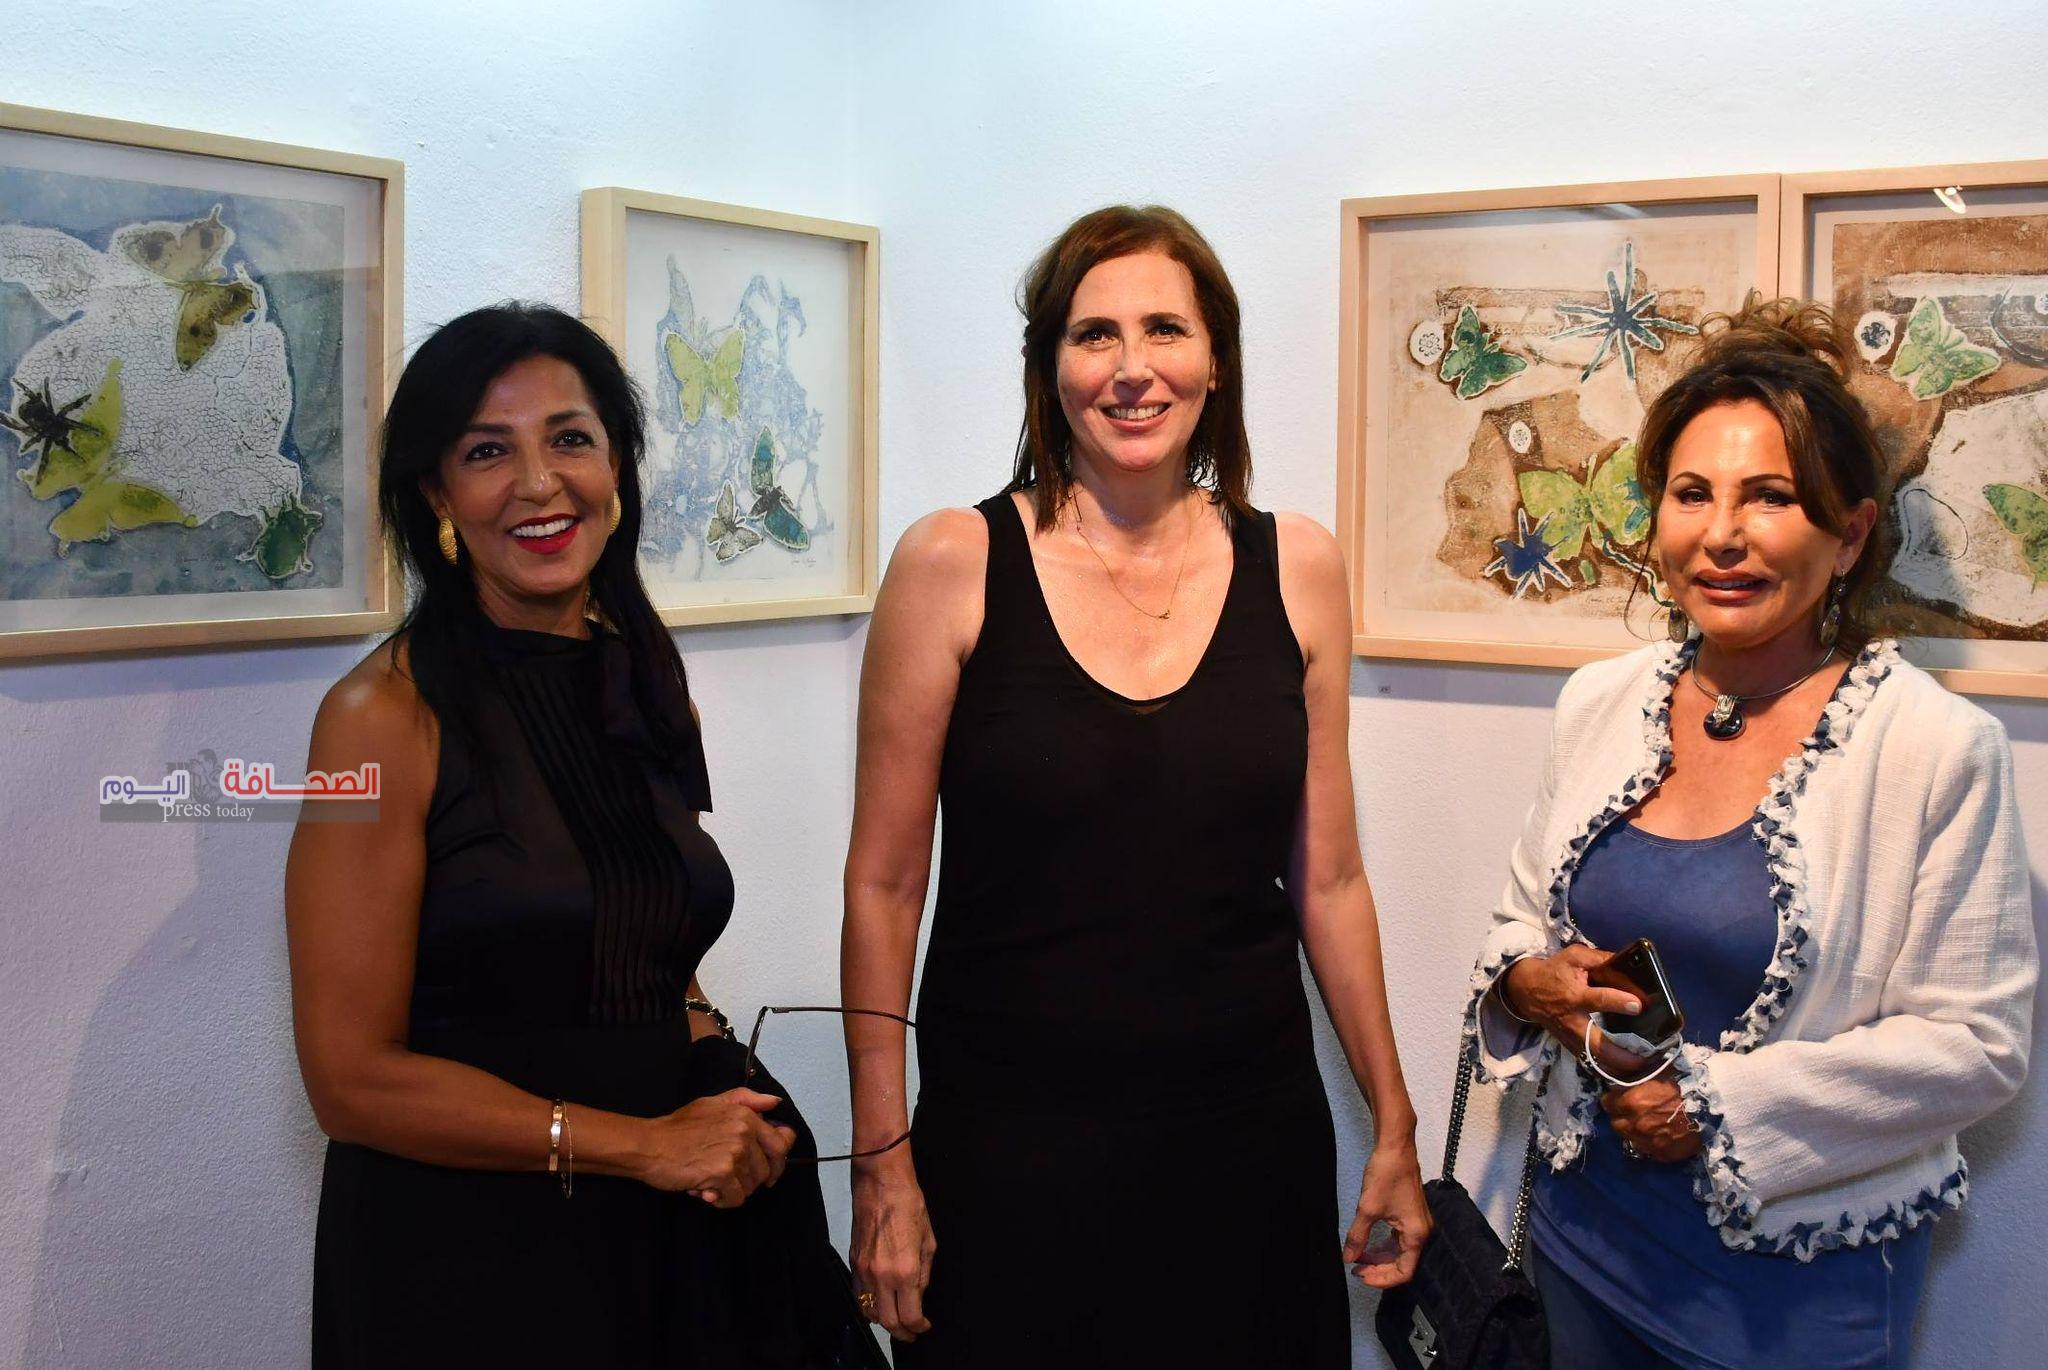 بالصور ..إفتتاح معرض ظل الفراشة بمركز الجزيرة للفنون